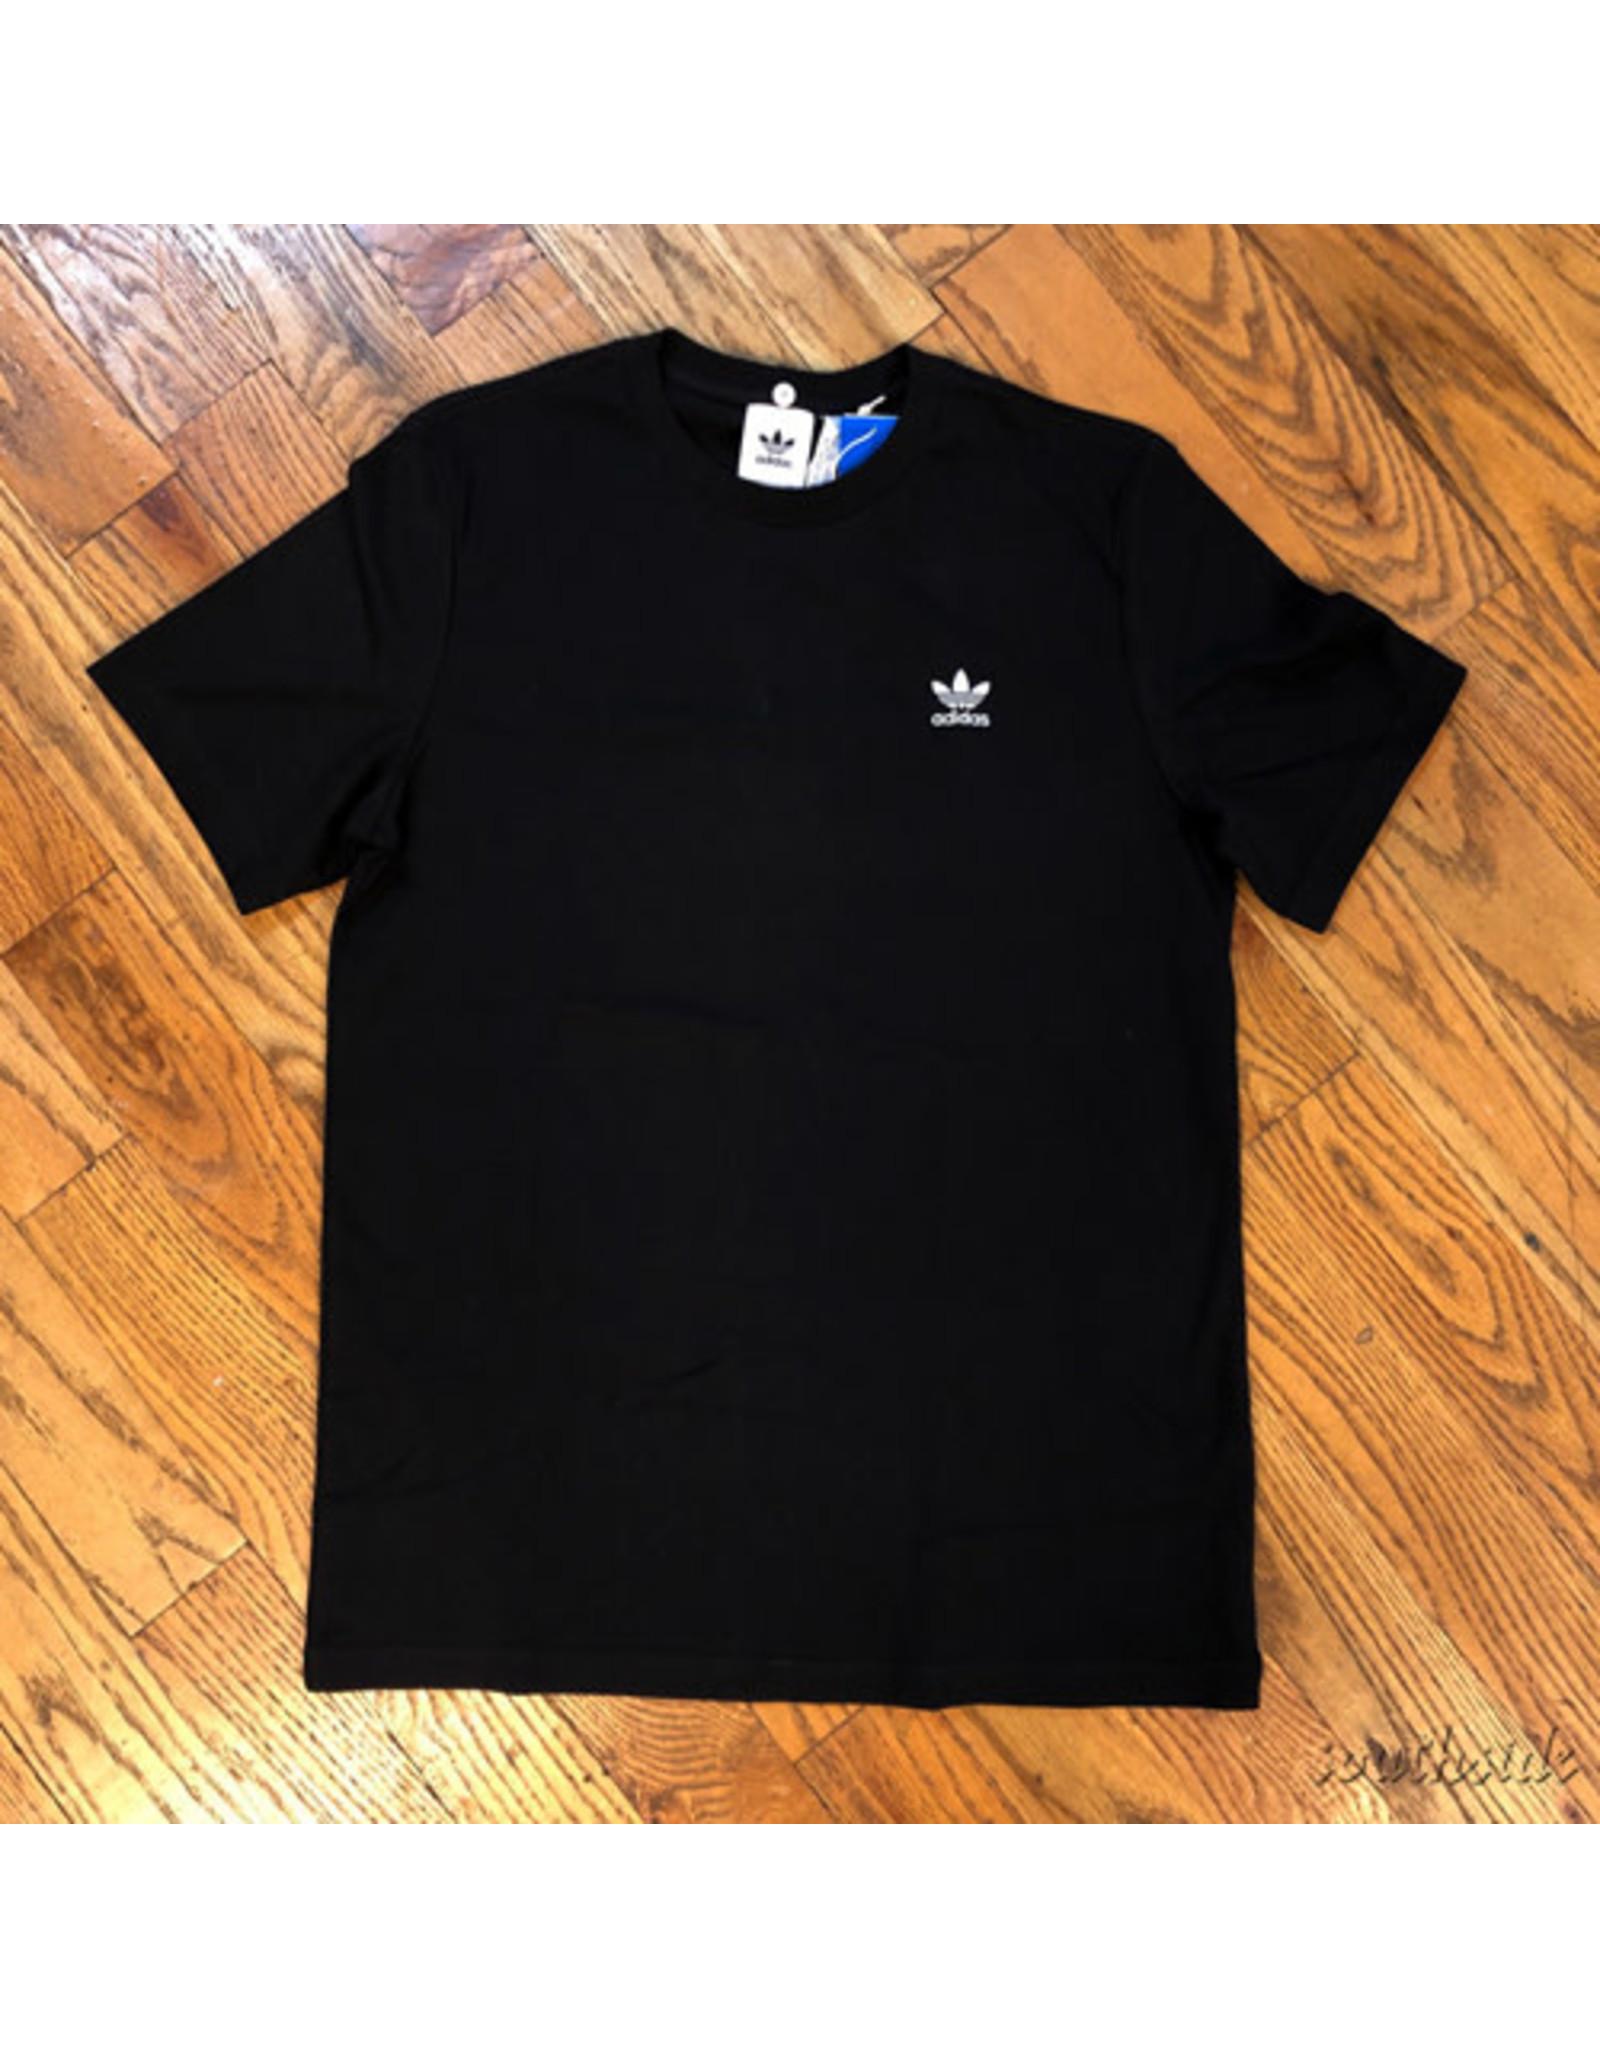 ADIDAS Adidas Tee Essential Black